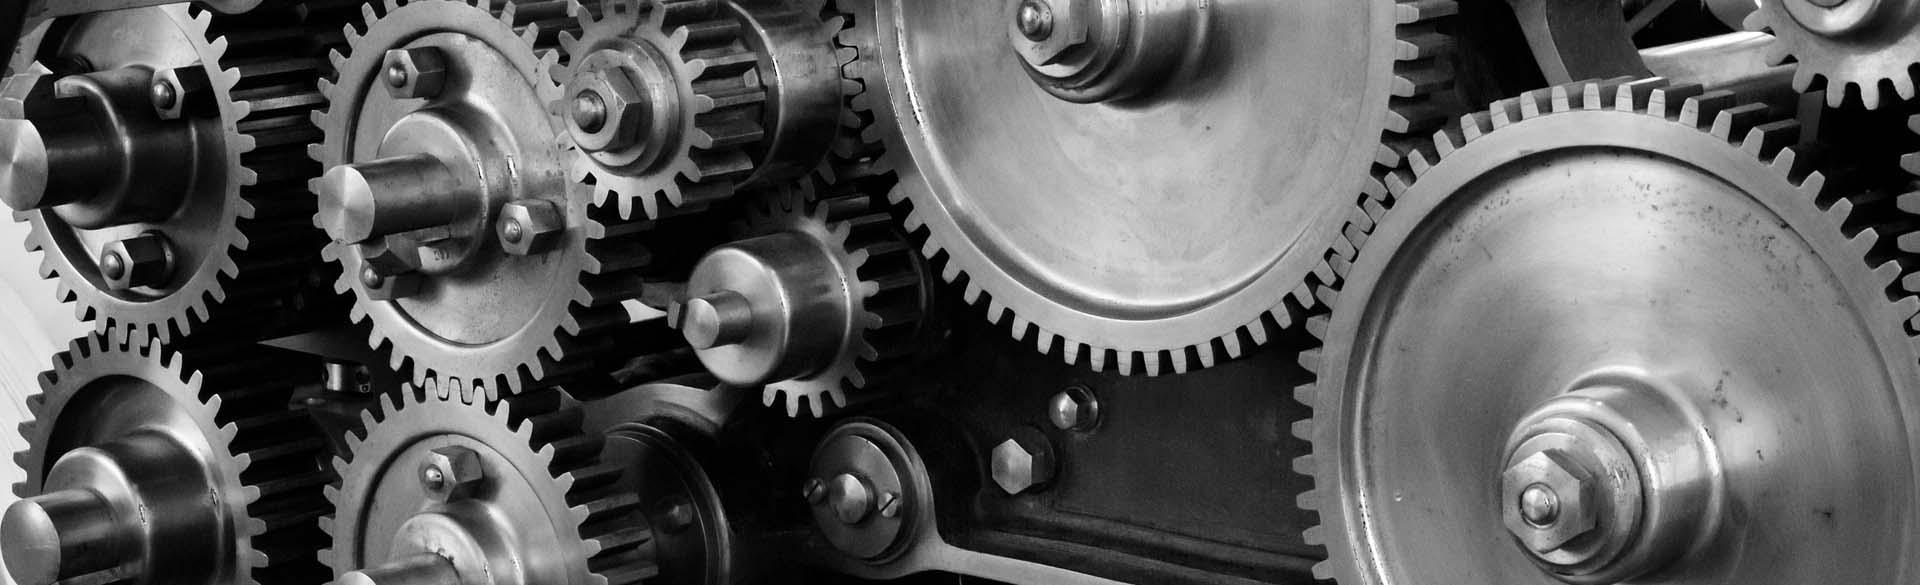 gears 1236578 1920B 1